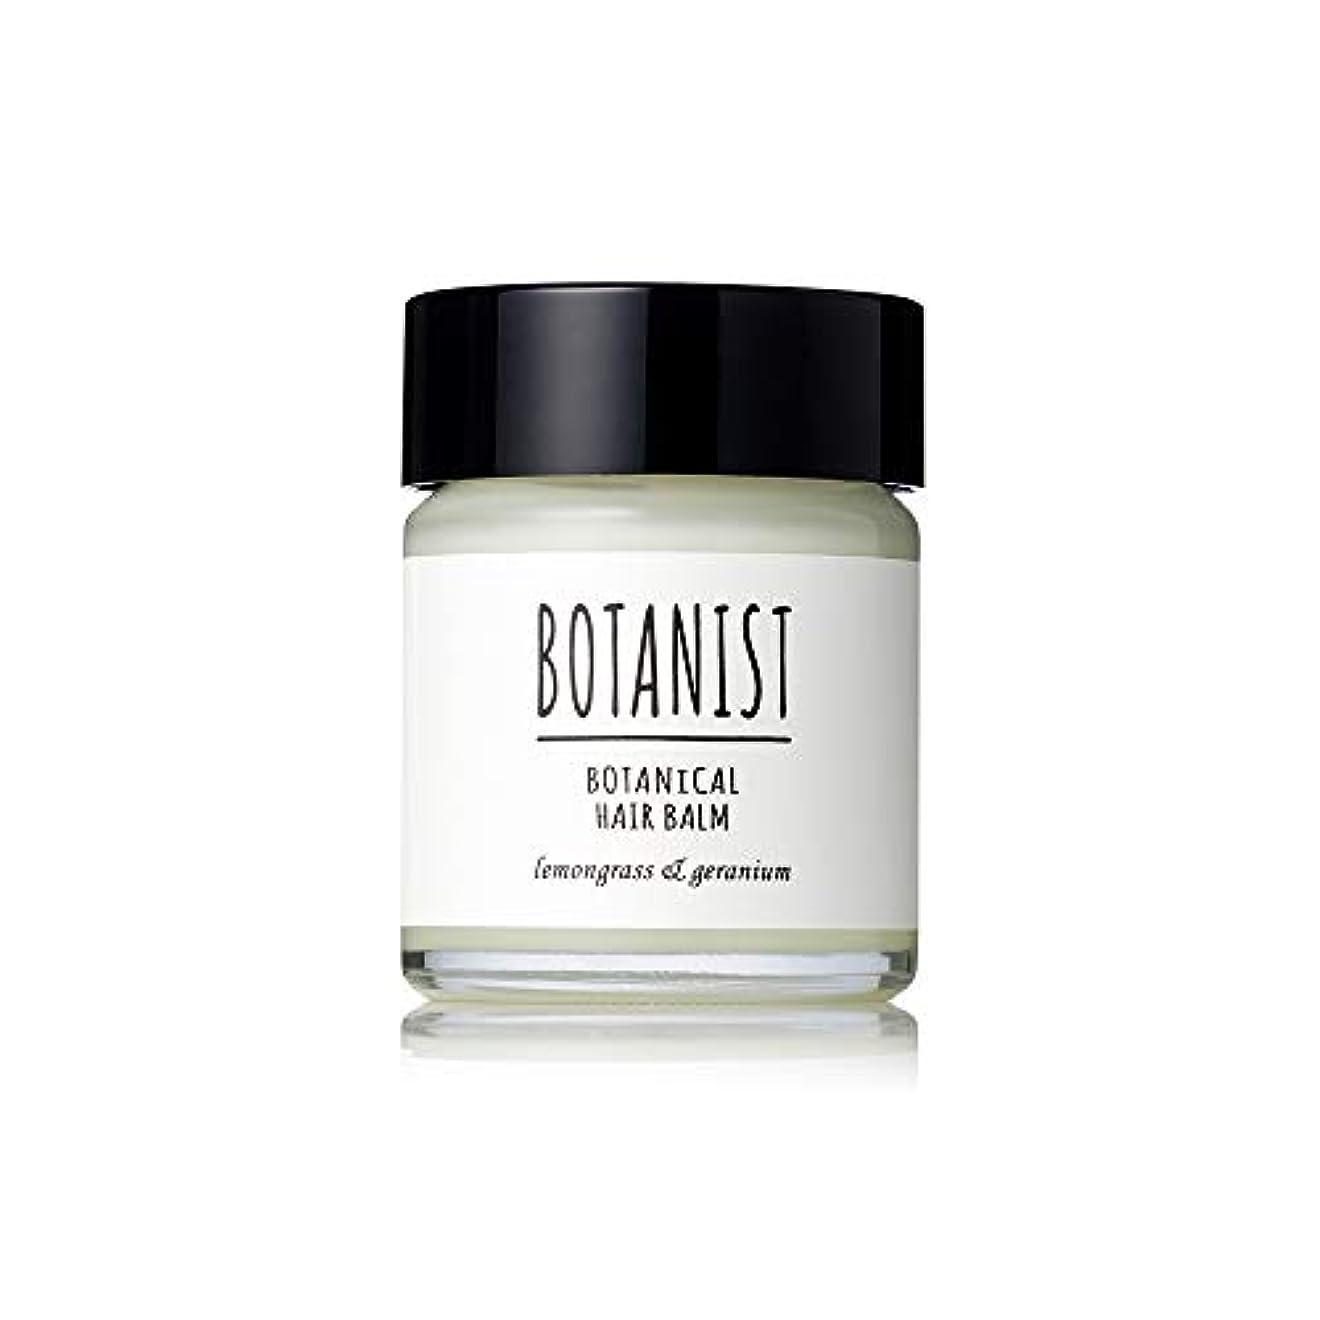 ファンタジー一時的見落とすBOTANIST ボタニスト ボタニカルヘアバーム 32g レモングラス&ゼラニウムの香り